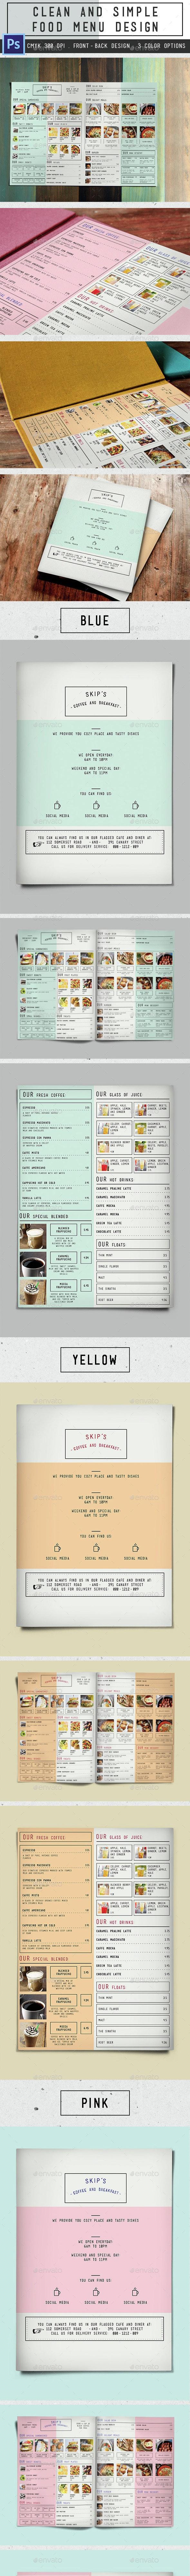 Clean Simple Bifold Menu - Food Menus Print Templates